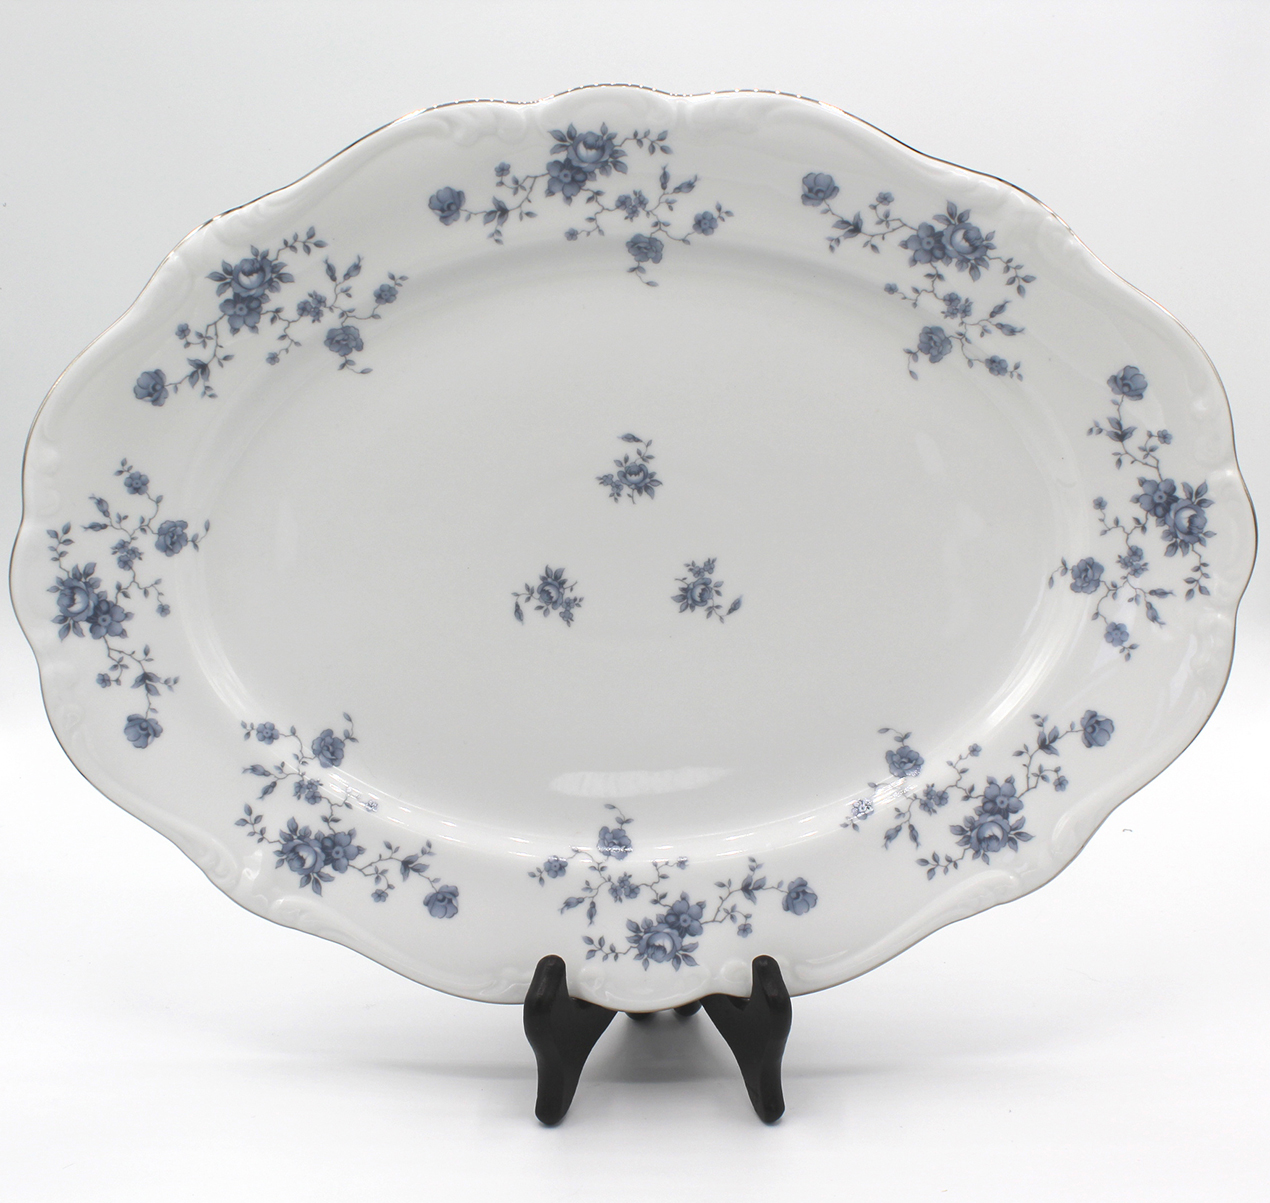 Vintage Johann Haviland Blue Garland (Traditions) 13″ Oval Serving Platter | Whispering City RVA